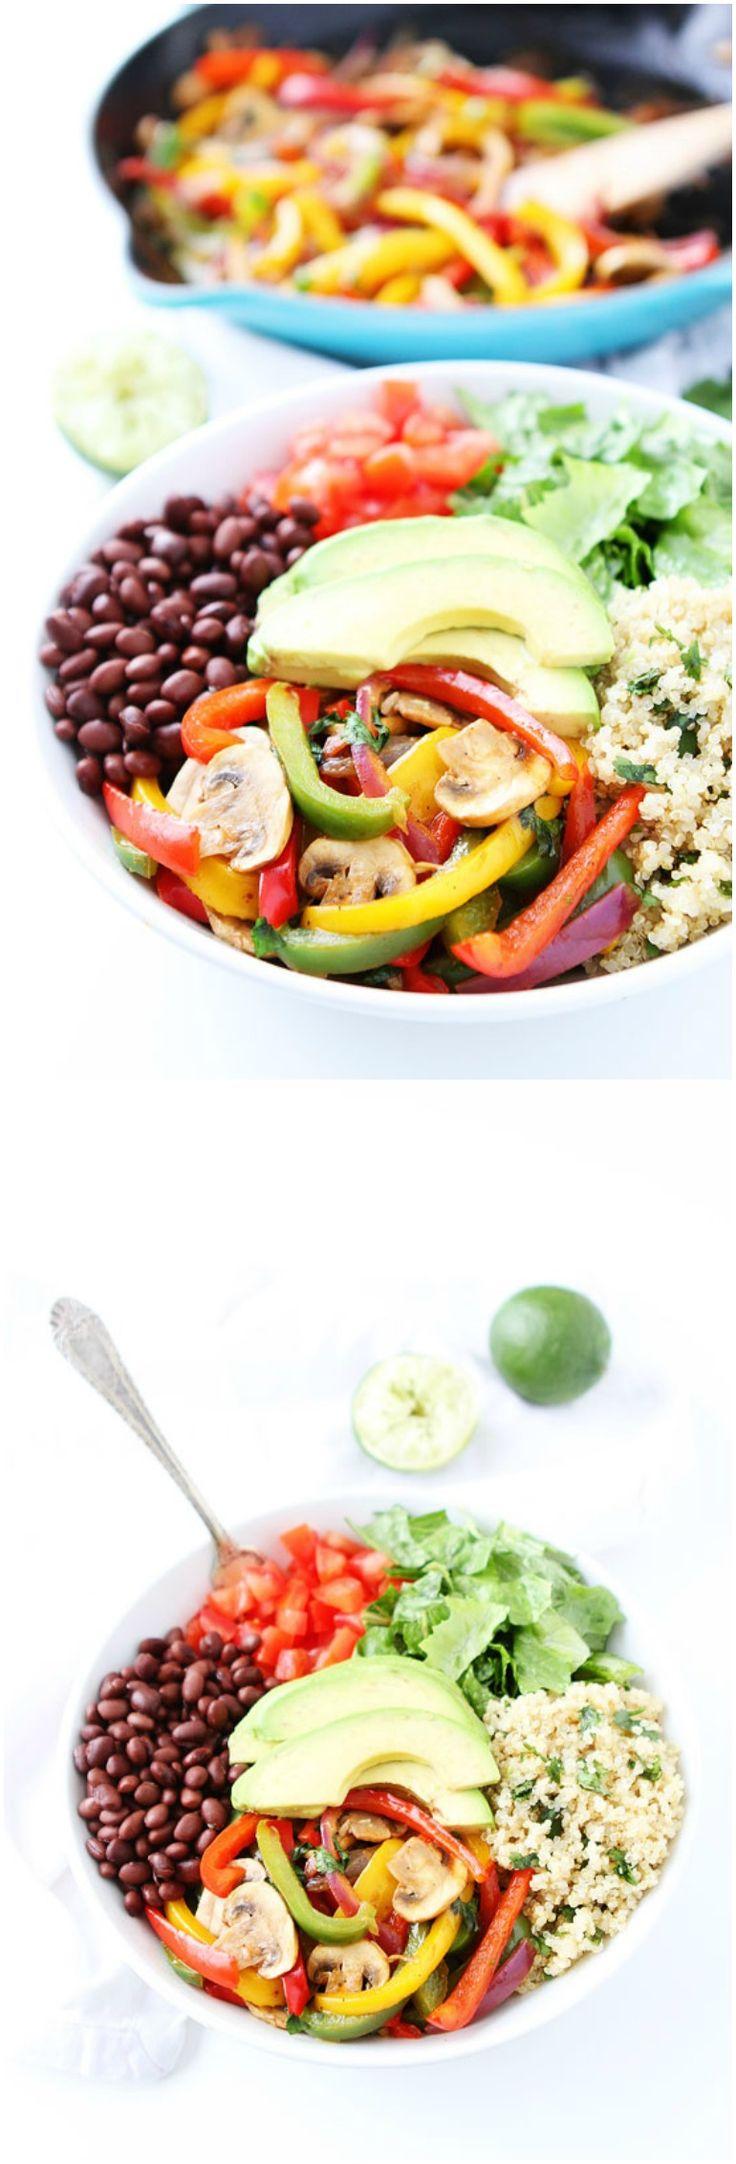 how to make a quick bowl of quinoa